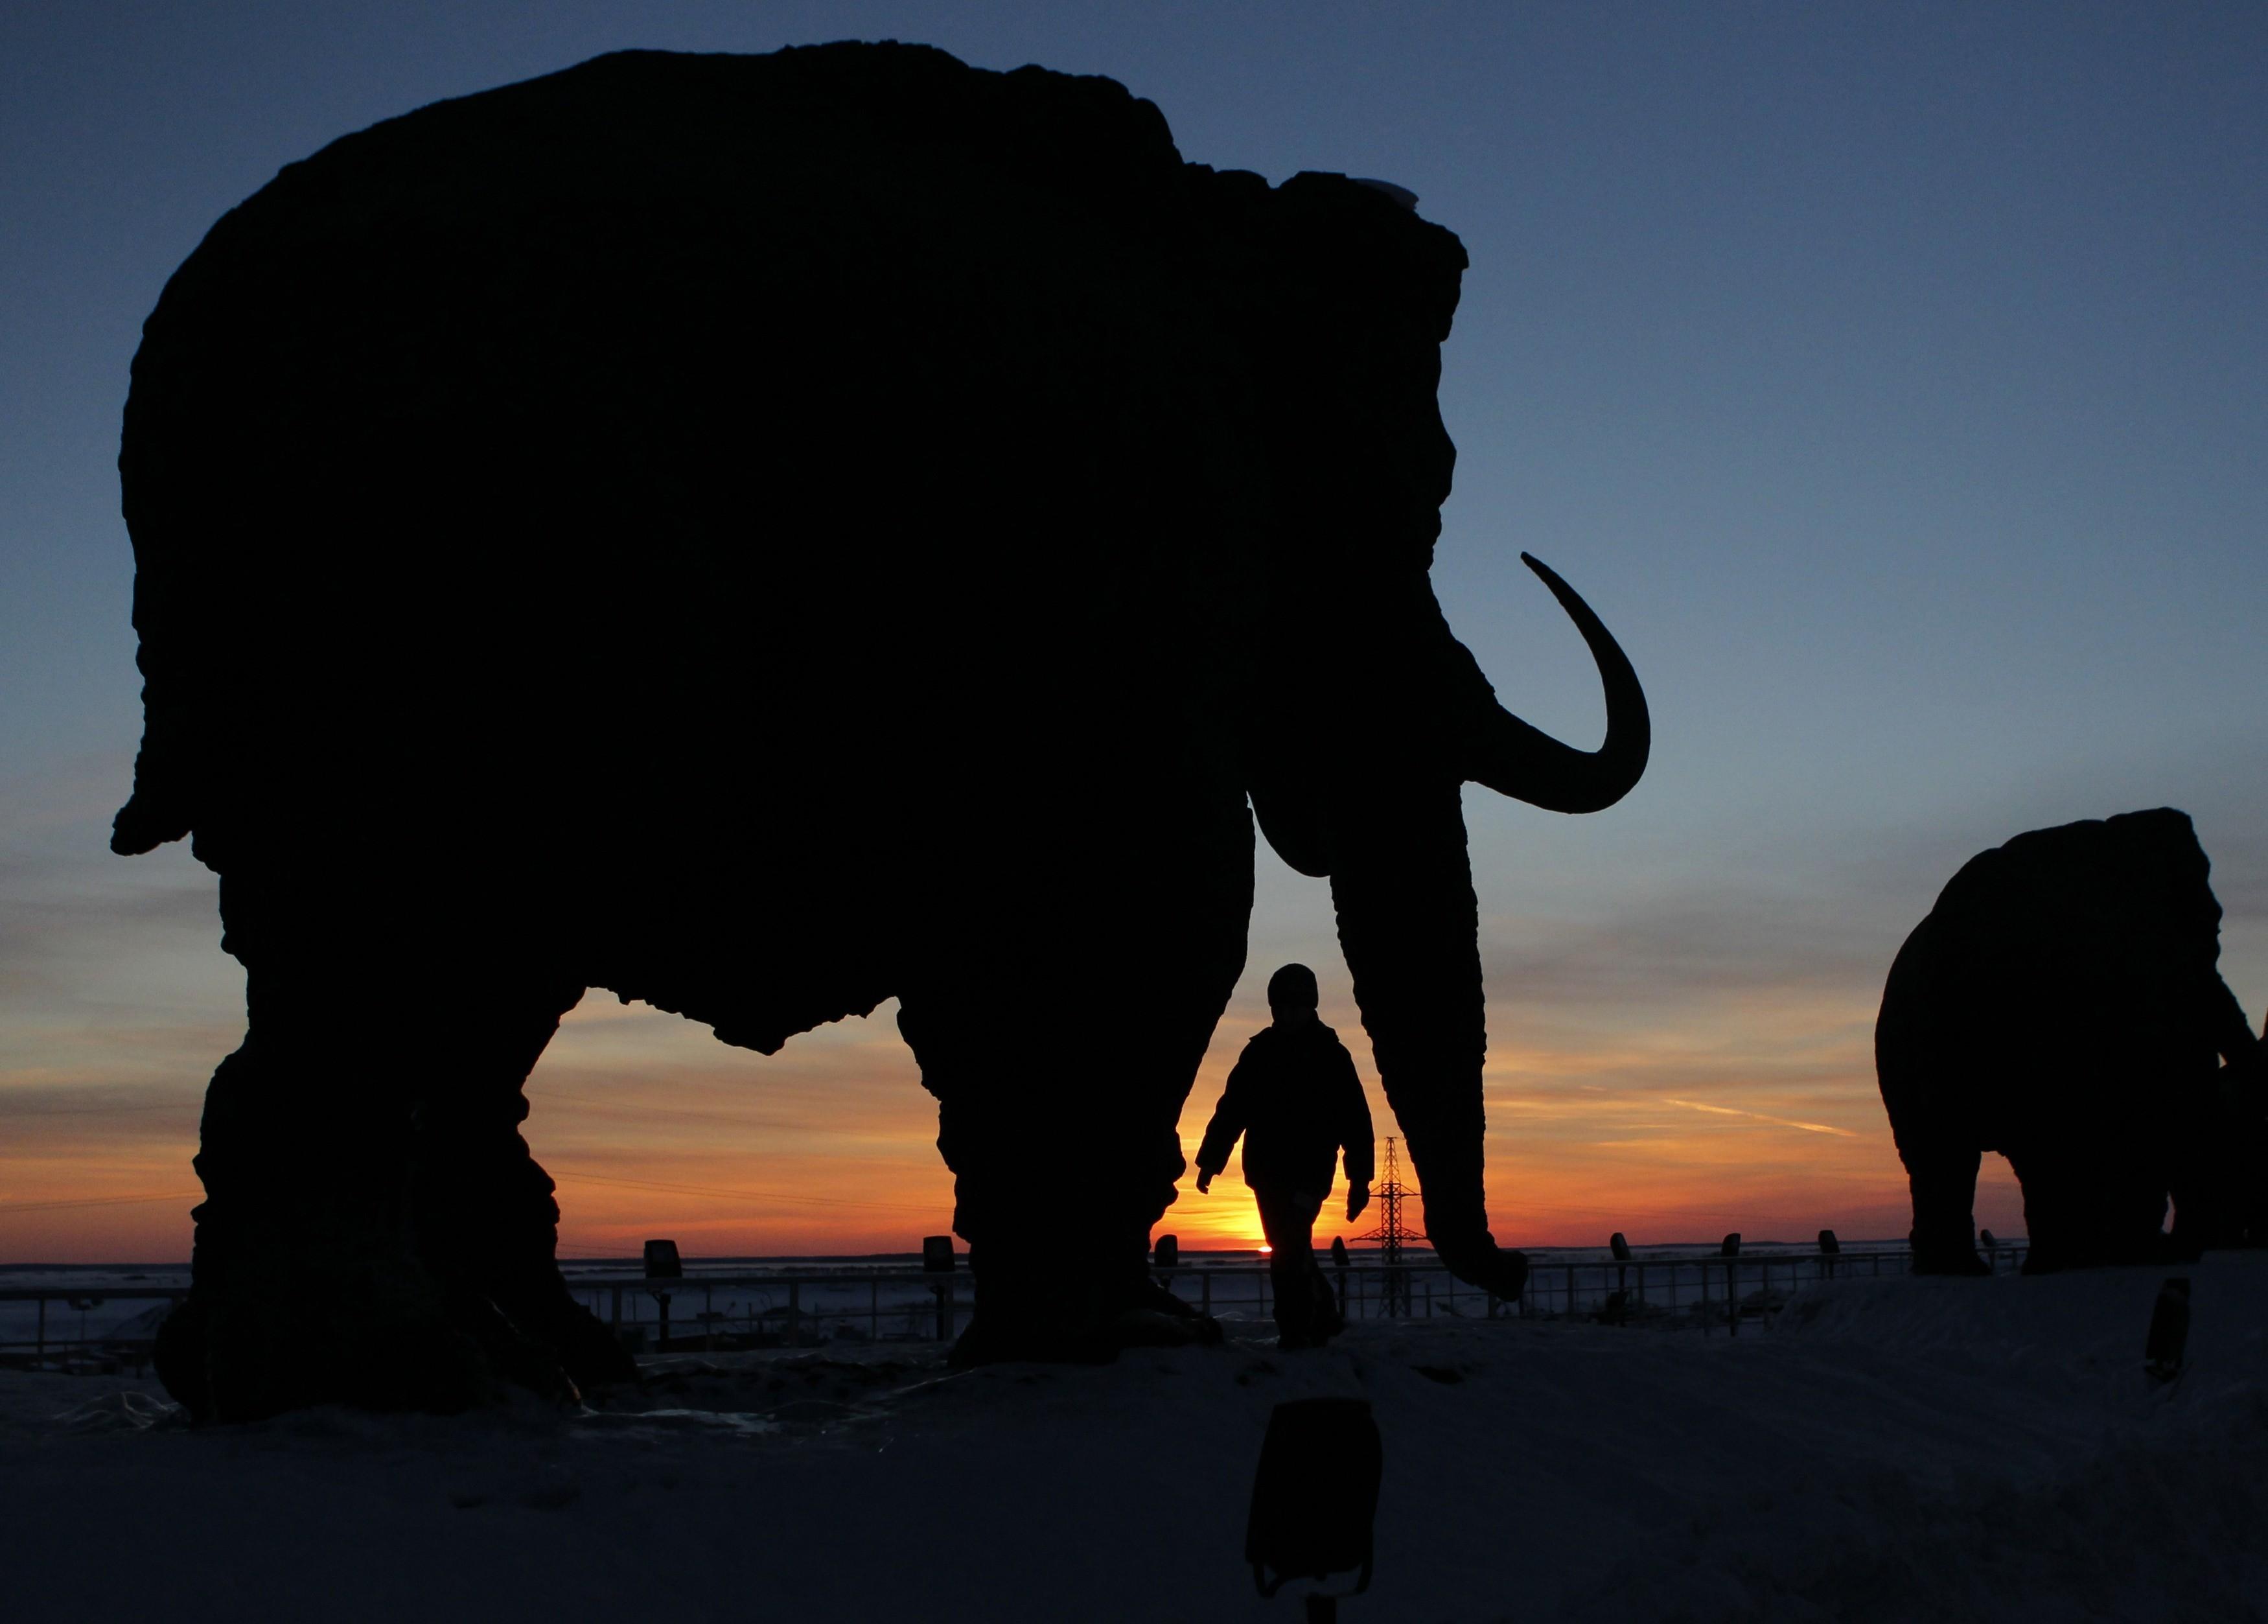 Un niño camina cerca de una escultura que muestra un mamut durante la puesta de sol en las afueras de Khanty-Mansiysk, 4 de marzo de 2011. REUTERS / Tatyana Makeyeva (RUSIA - Etiquetas: SOCIEDAD ANIMALES) - GF2E73716M001